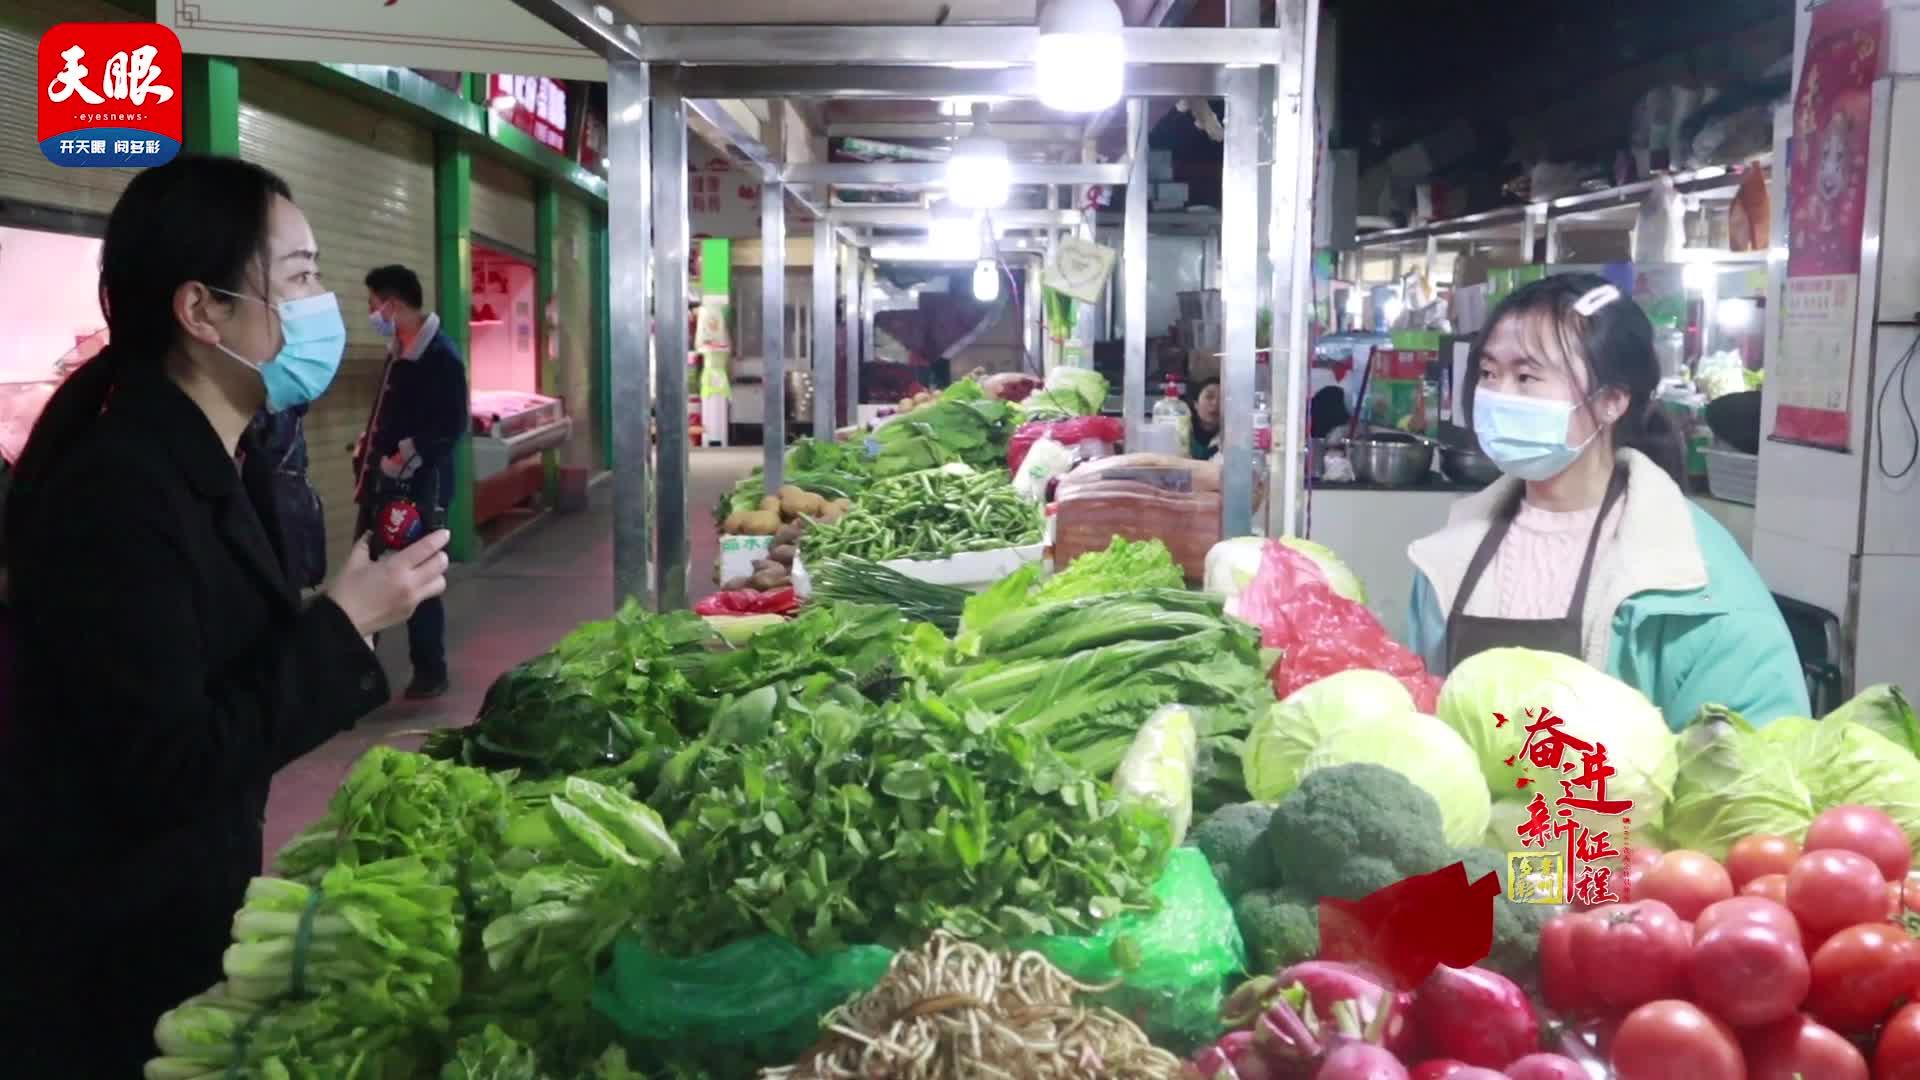 天眼接收器·民生 农贸市场升级改造:来源可追溯 去向可追踪